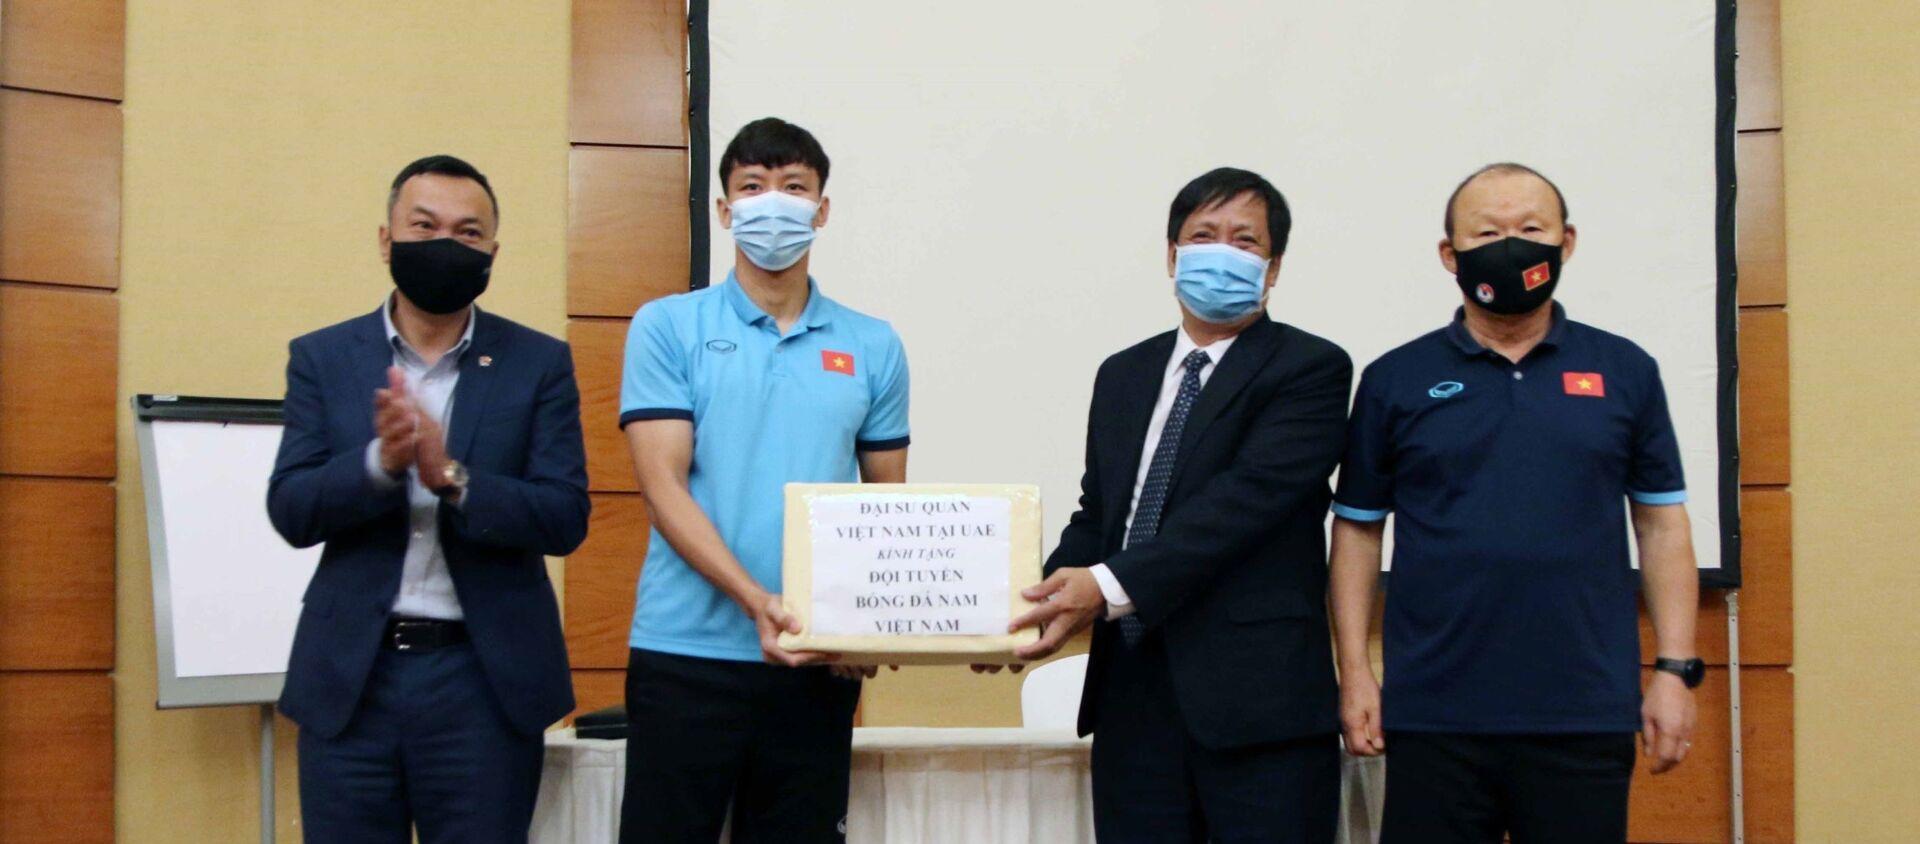 Đại sứ đặc mệnh toàn quyền Việt Nam tại UAE thăm đội tuyển Việt Nam - Sputnik Việt Nam, 1920, 02.06.2021